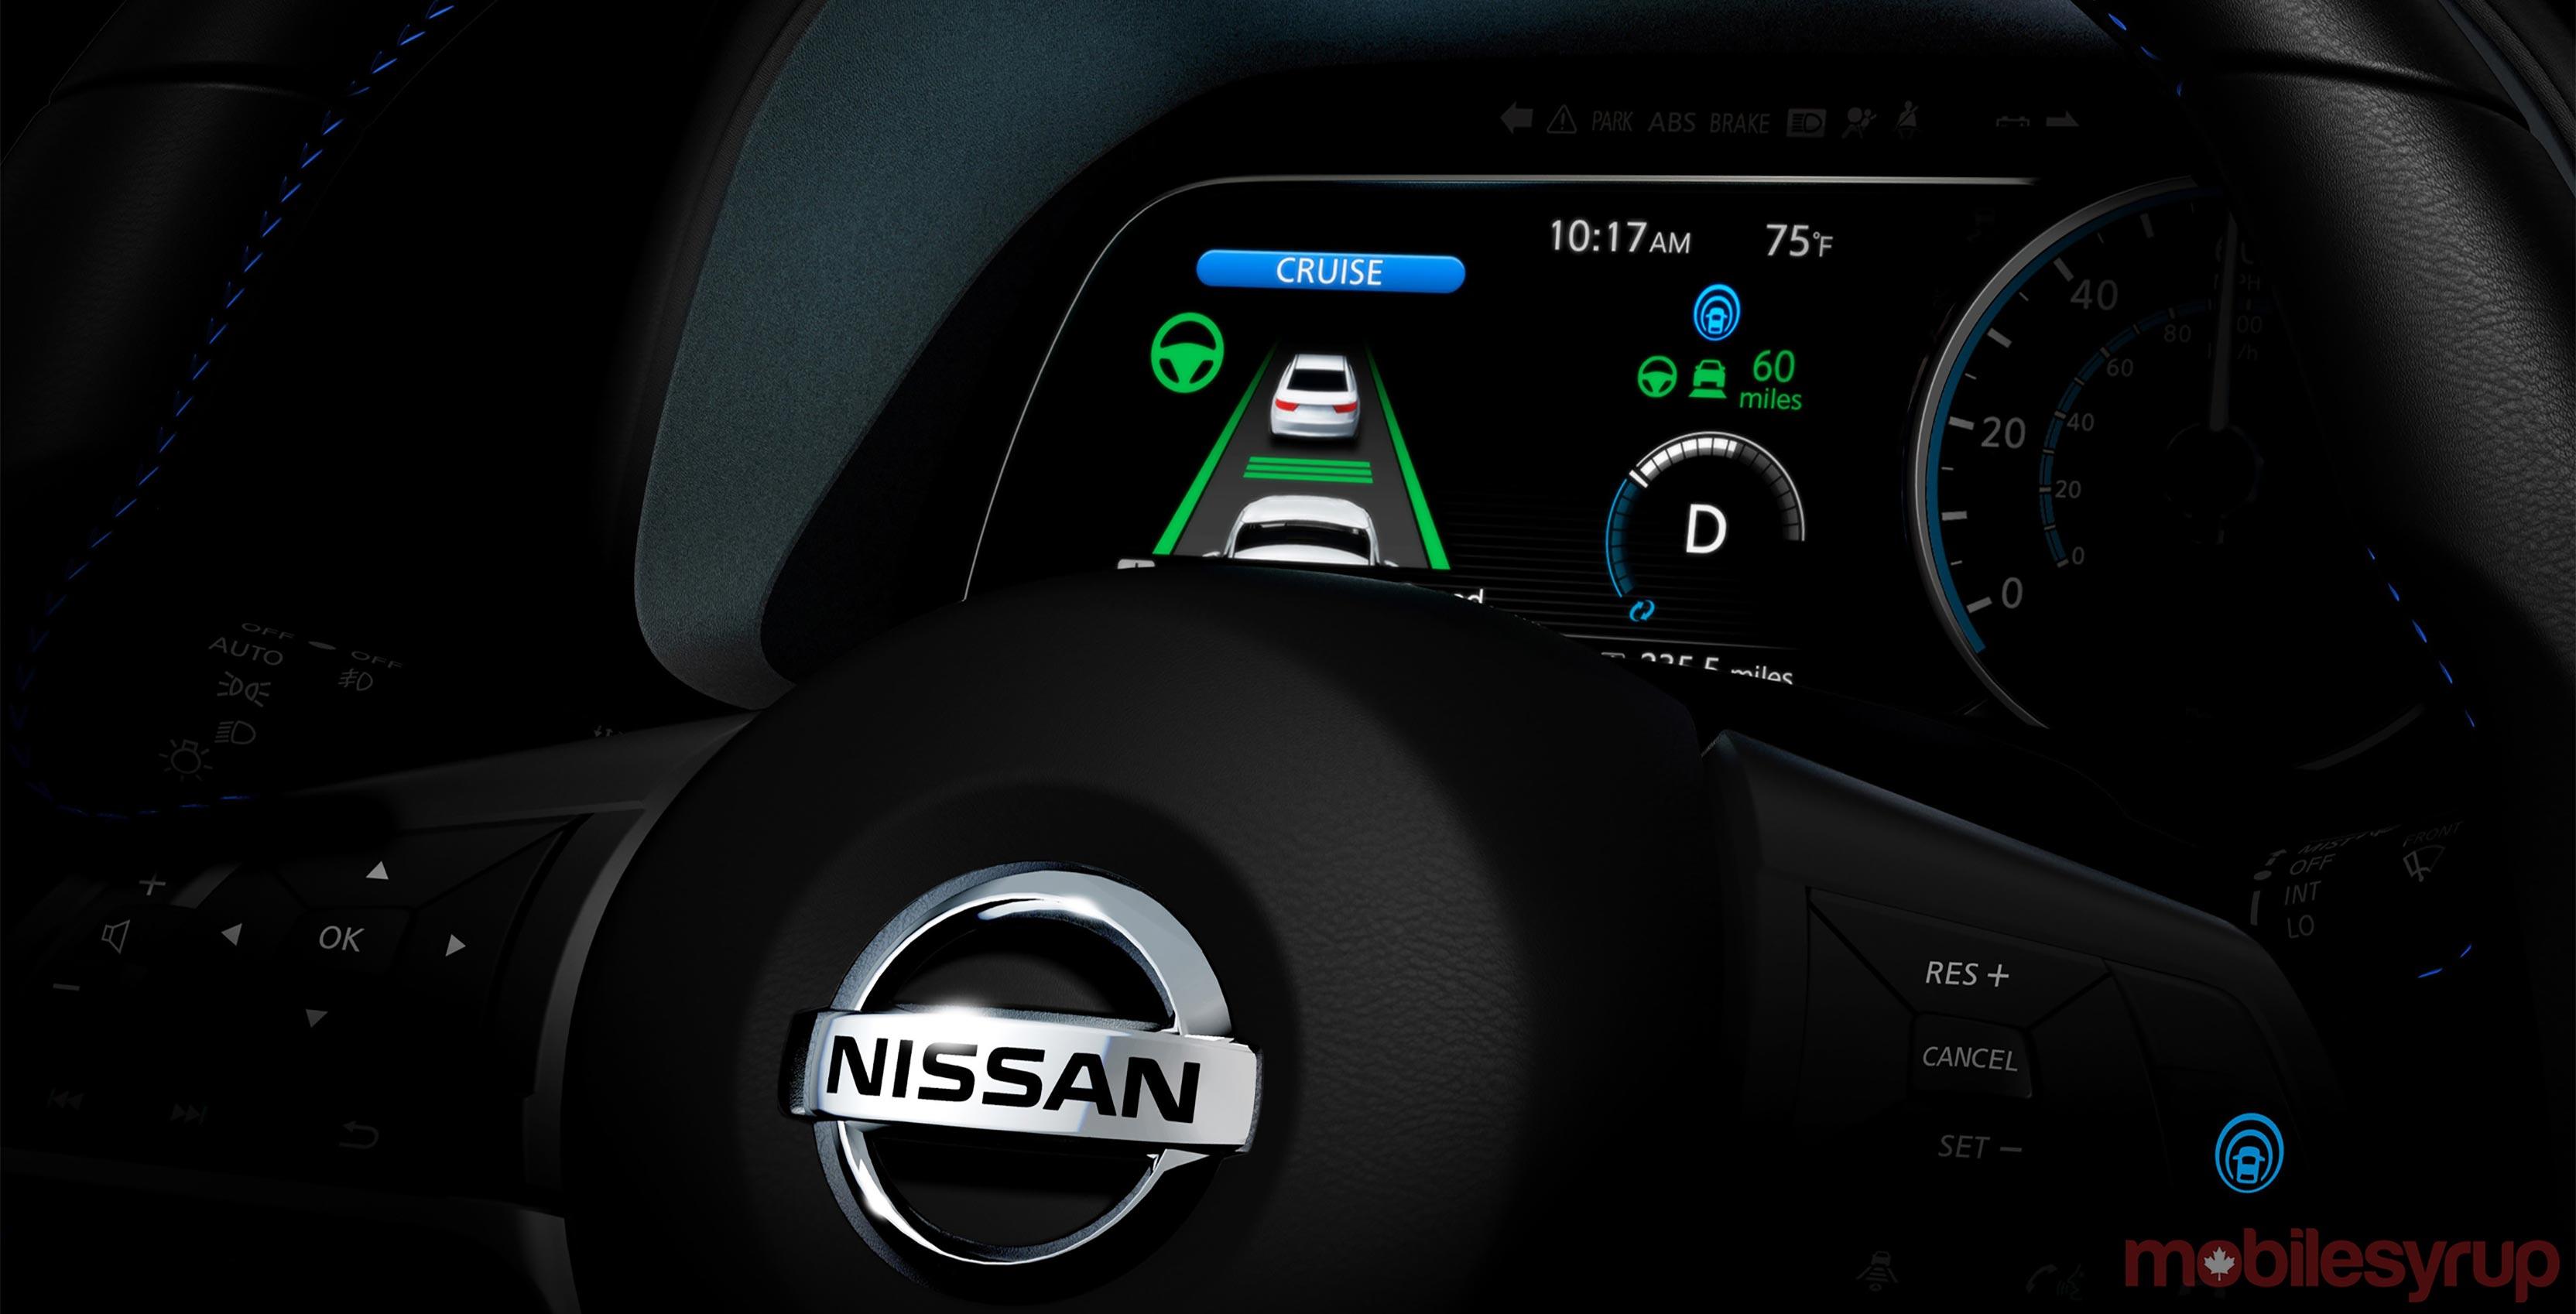 Nissan ProPilot cluster dark